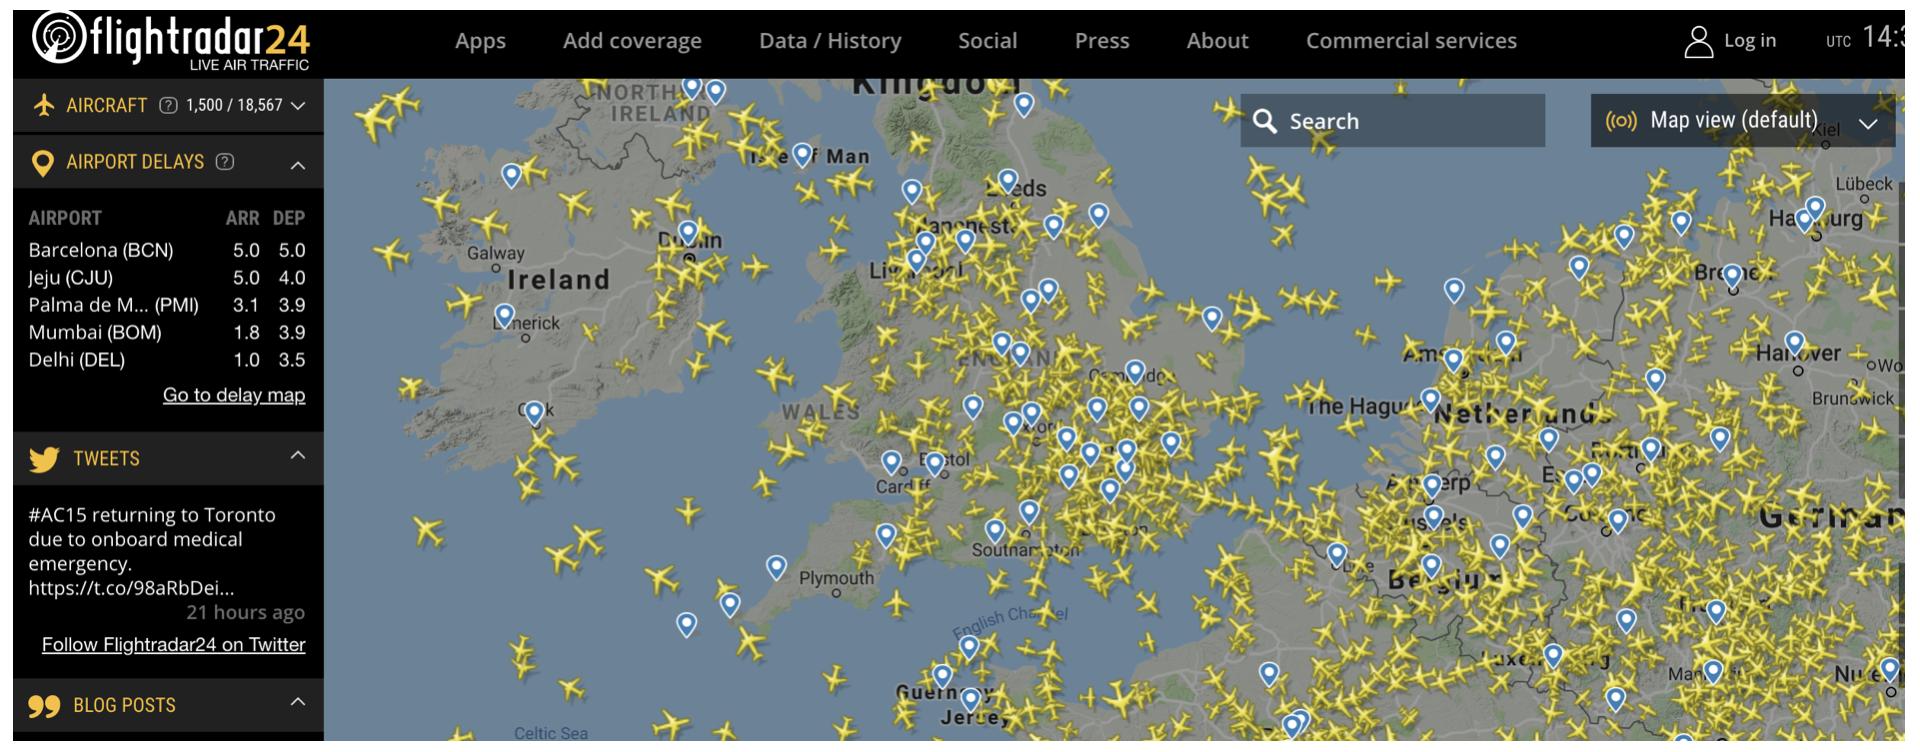 Flightradar flight information